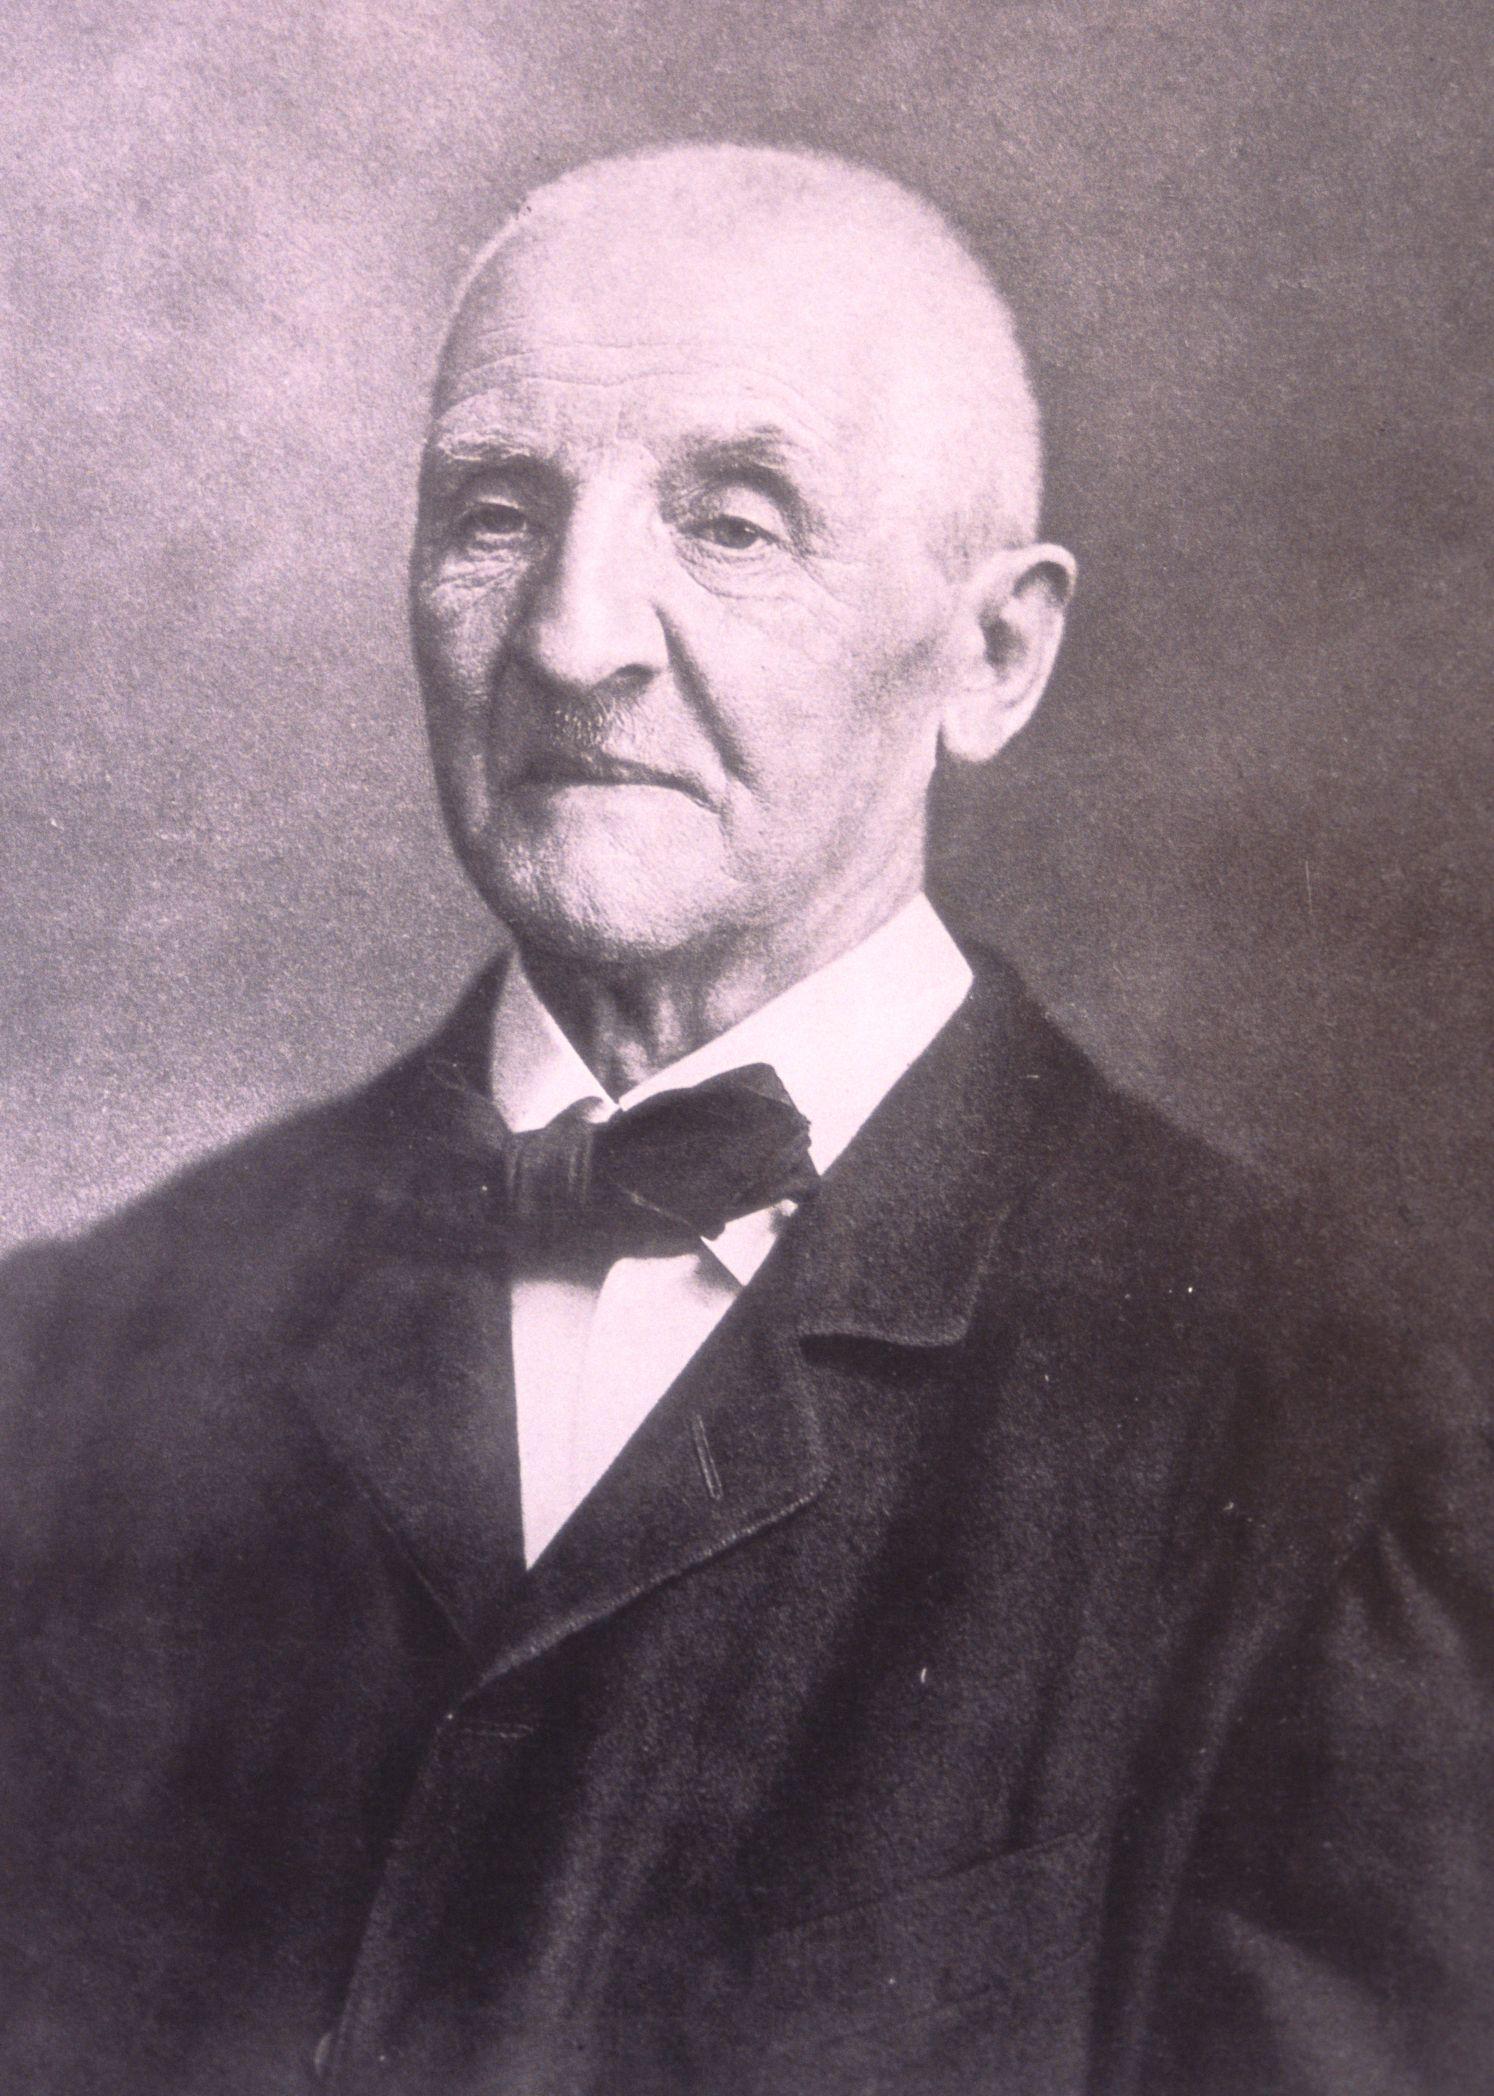 bruckner compositor austriaco